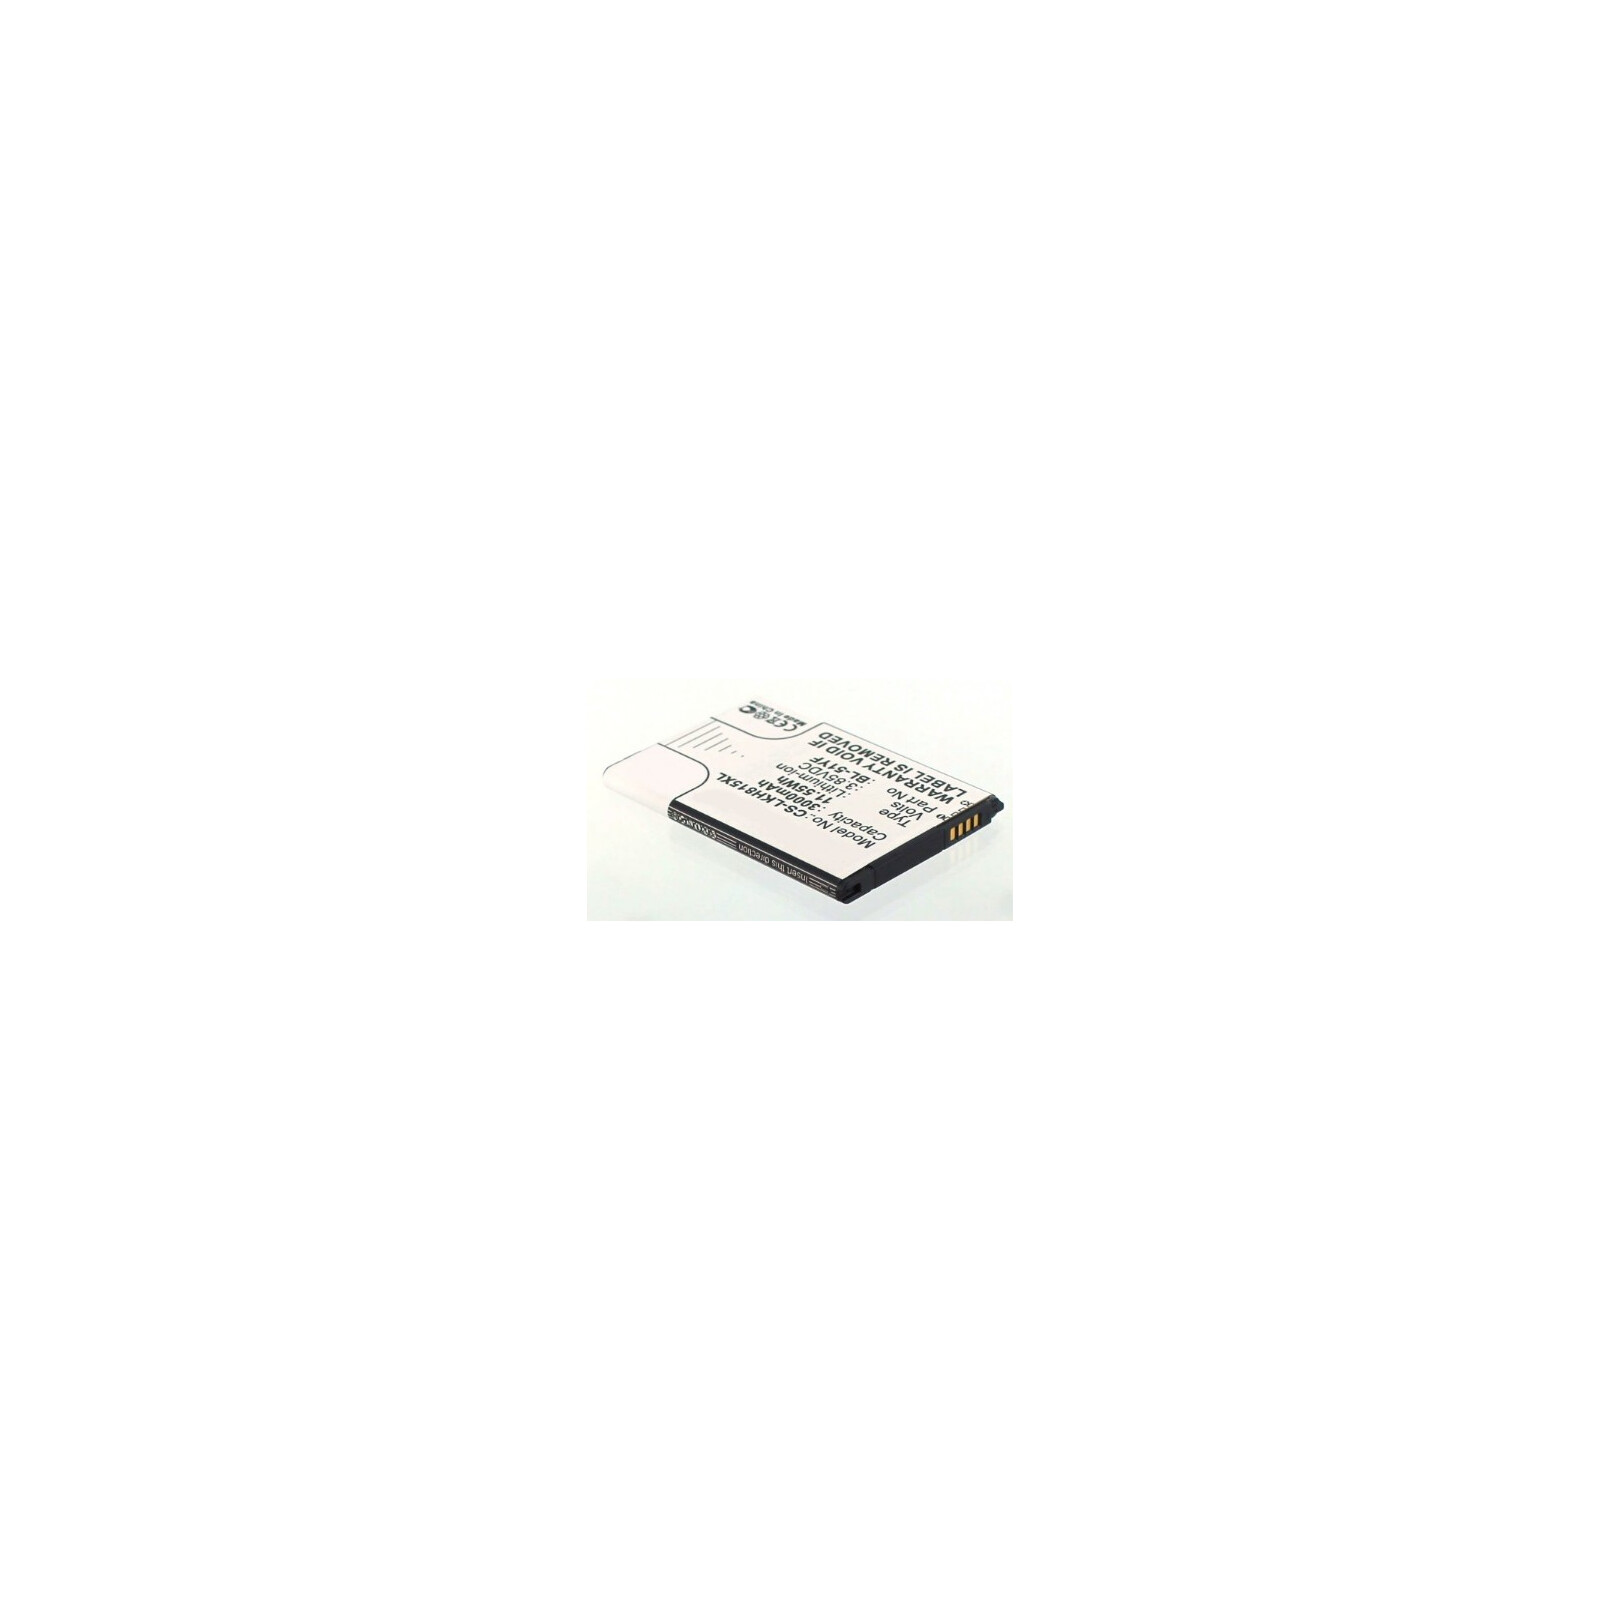 AGI Akku LG G4 Stylus 3.000mAh